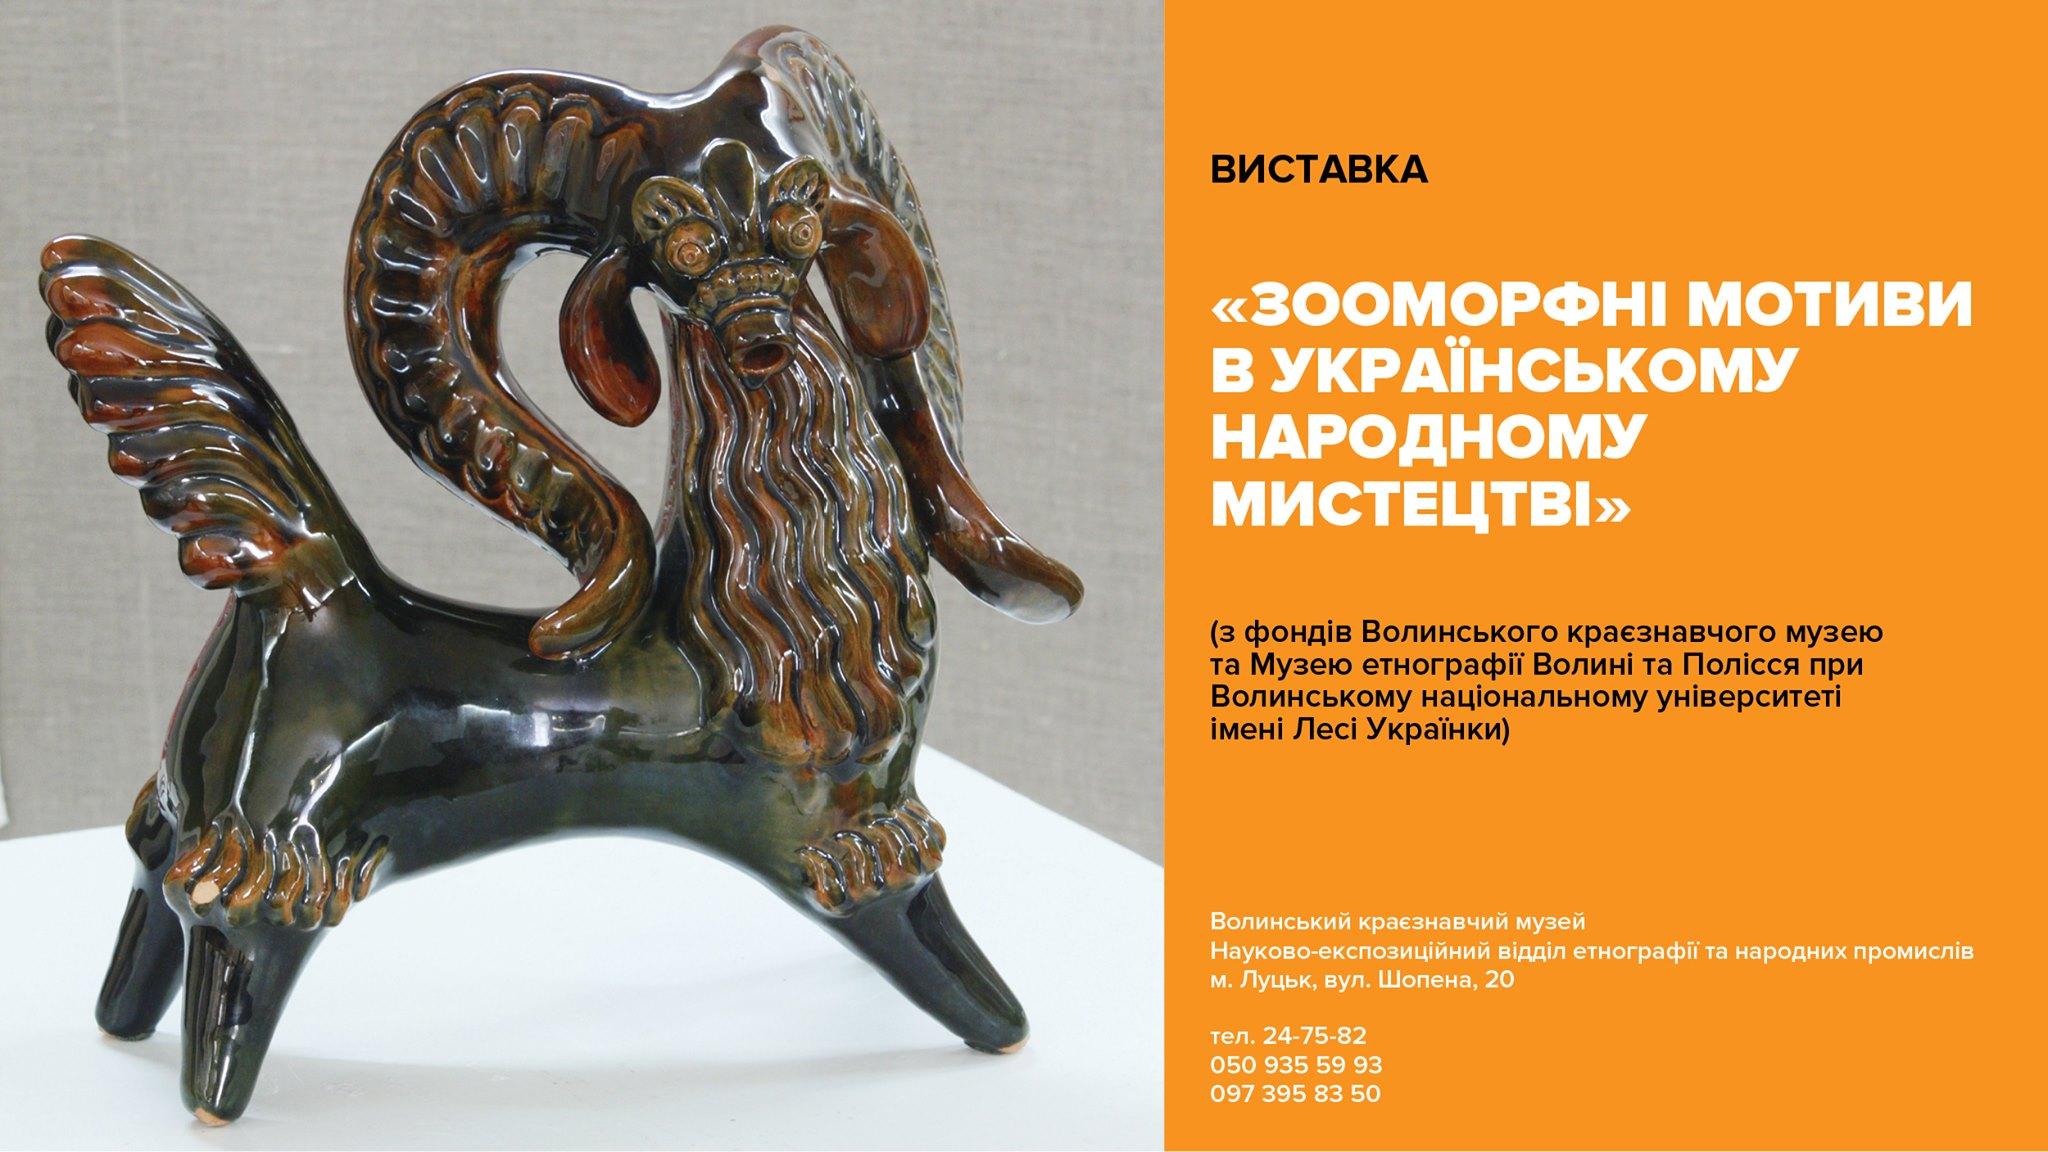 У Луцьку відбудеться виставка із тваринними мотивами